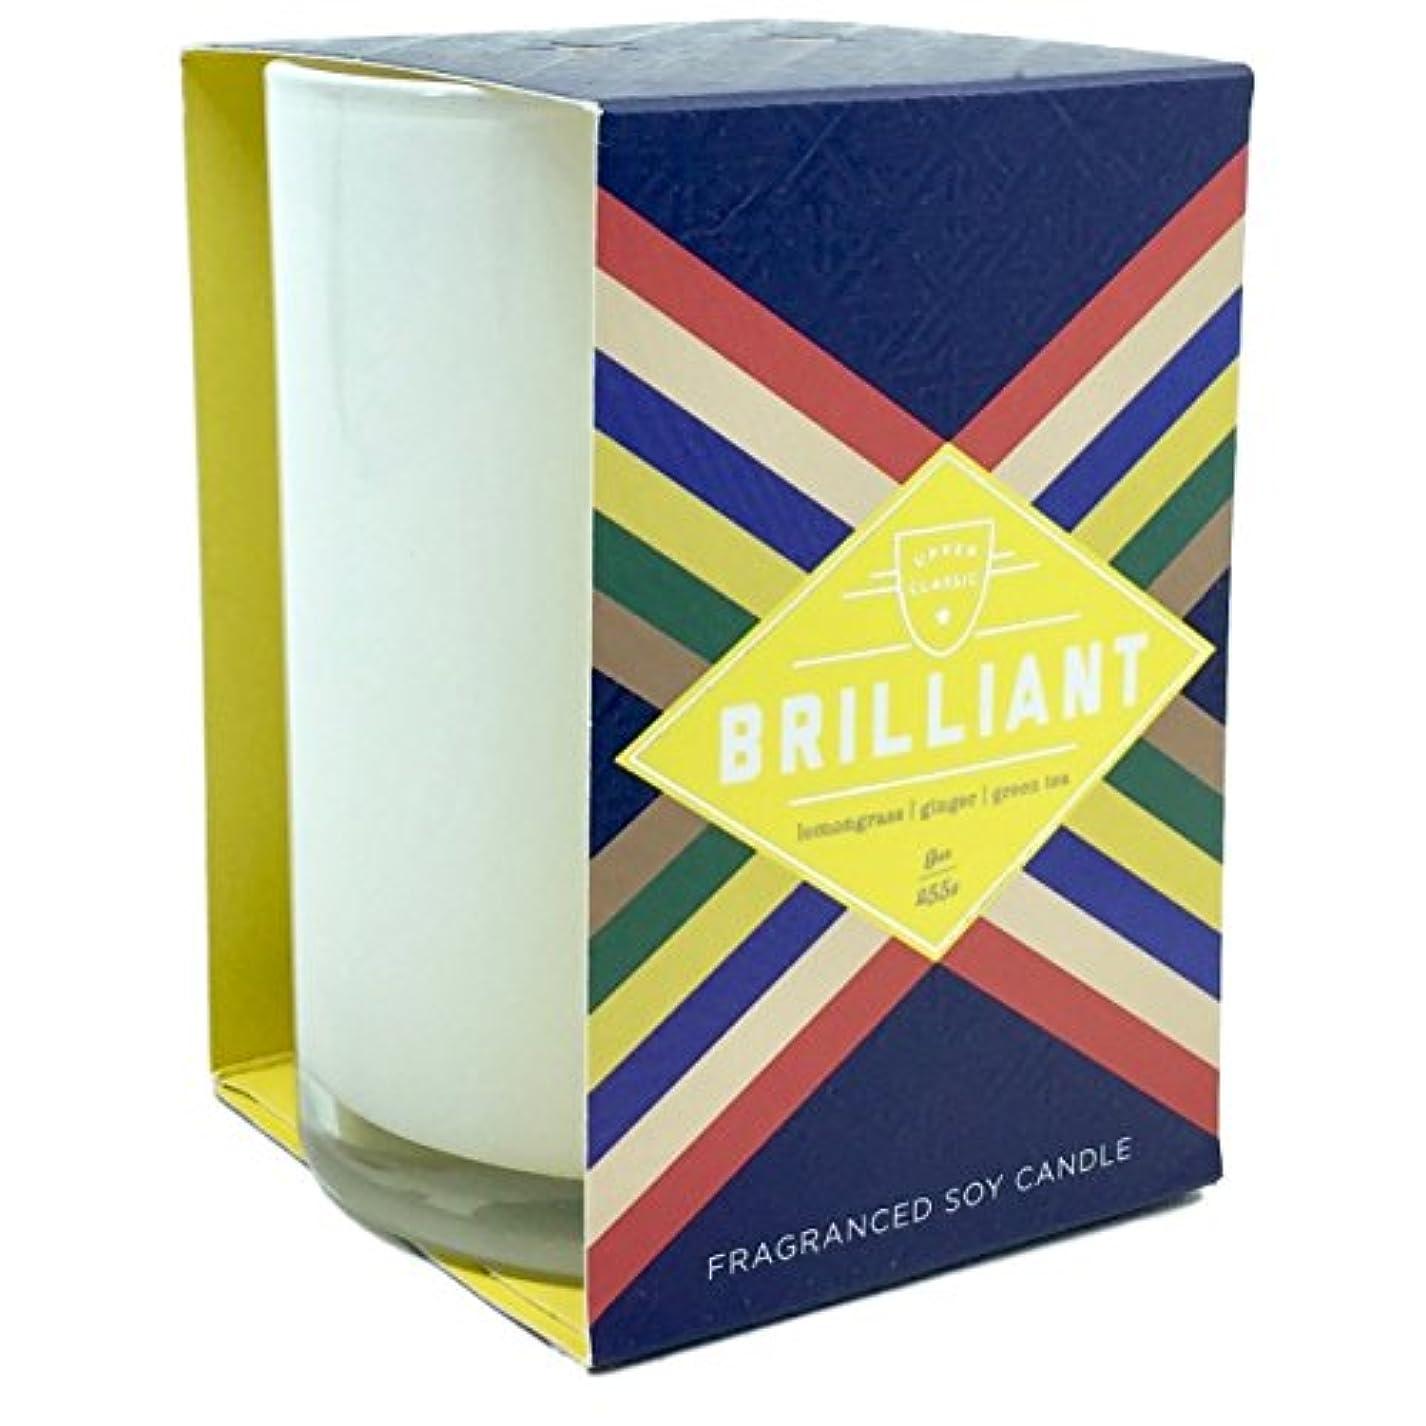 電話をかける均等に世界的にUpperクラシックBrilliant Lemongrass GingerグリーンティーScented Candle